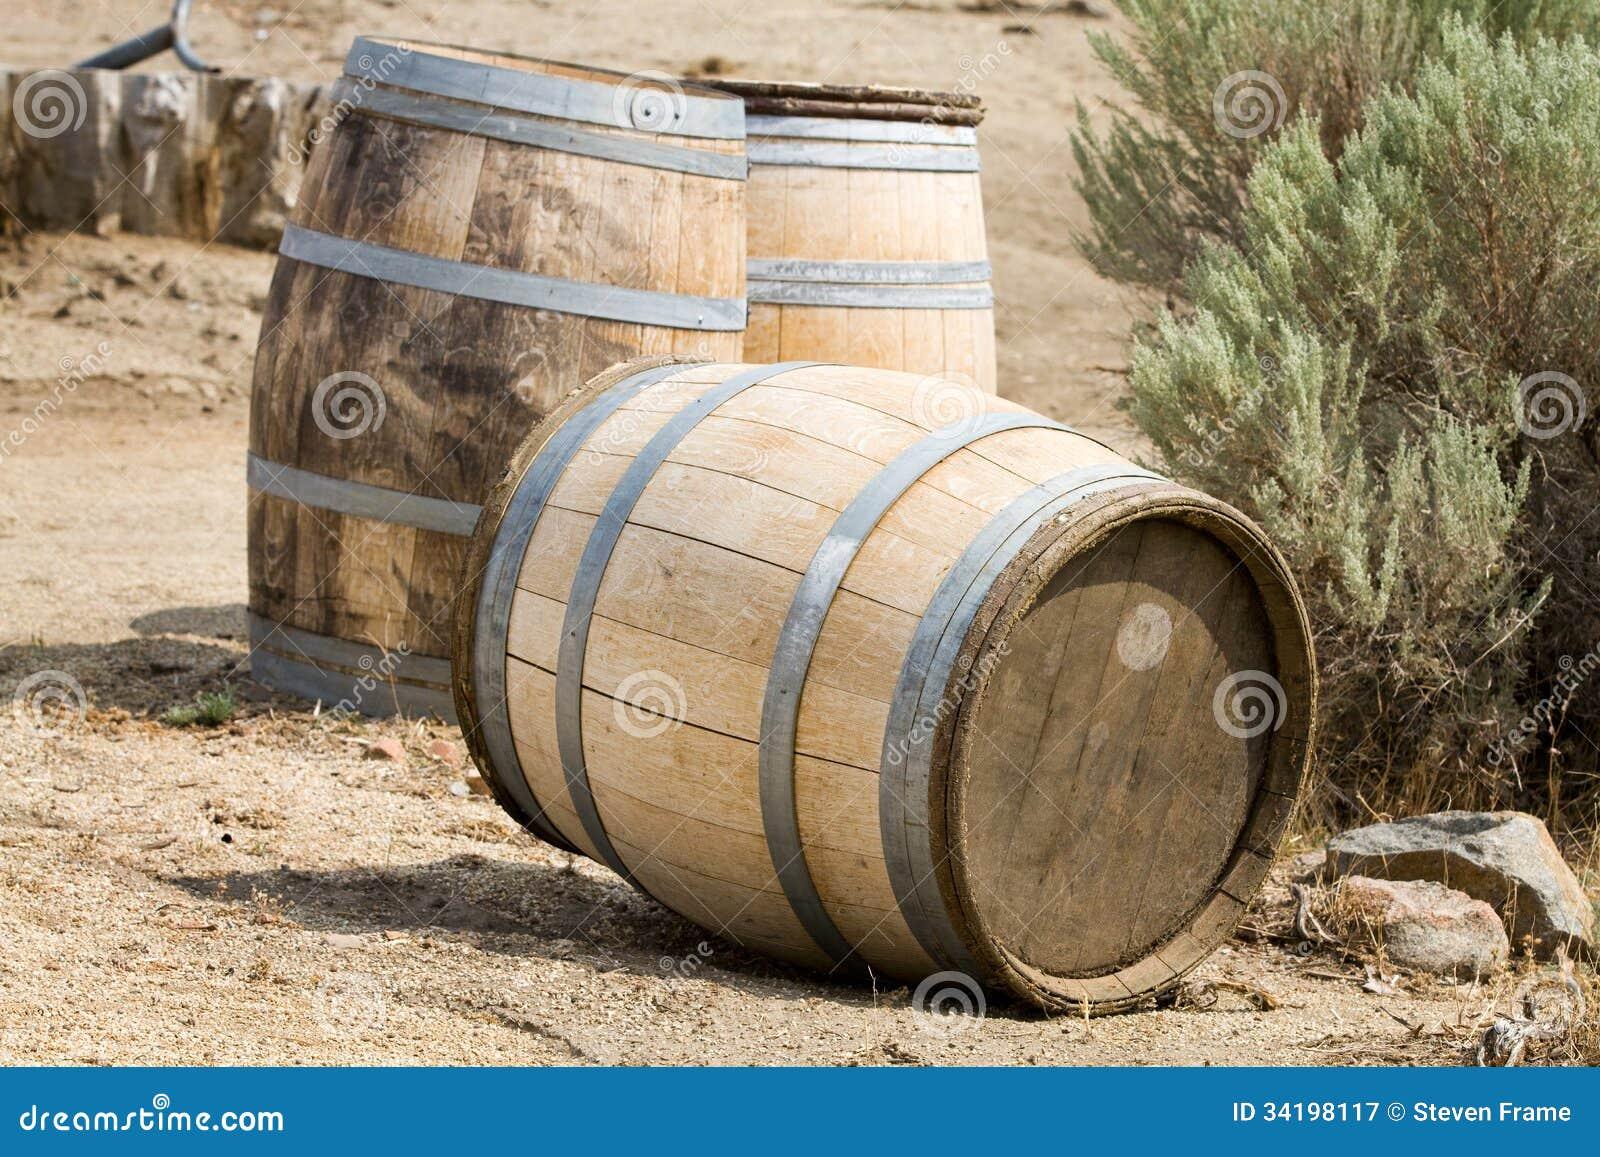 Download Old Wooden Barrels Stock Image. Image Of Outside, Vintage    34198117